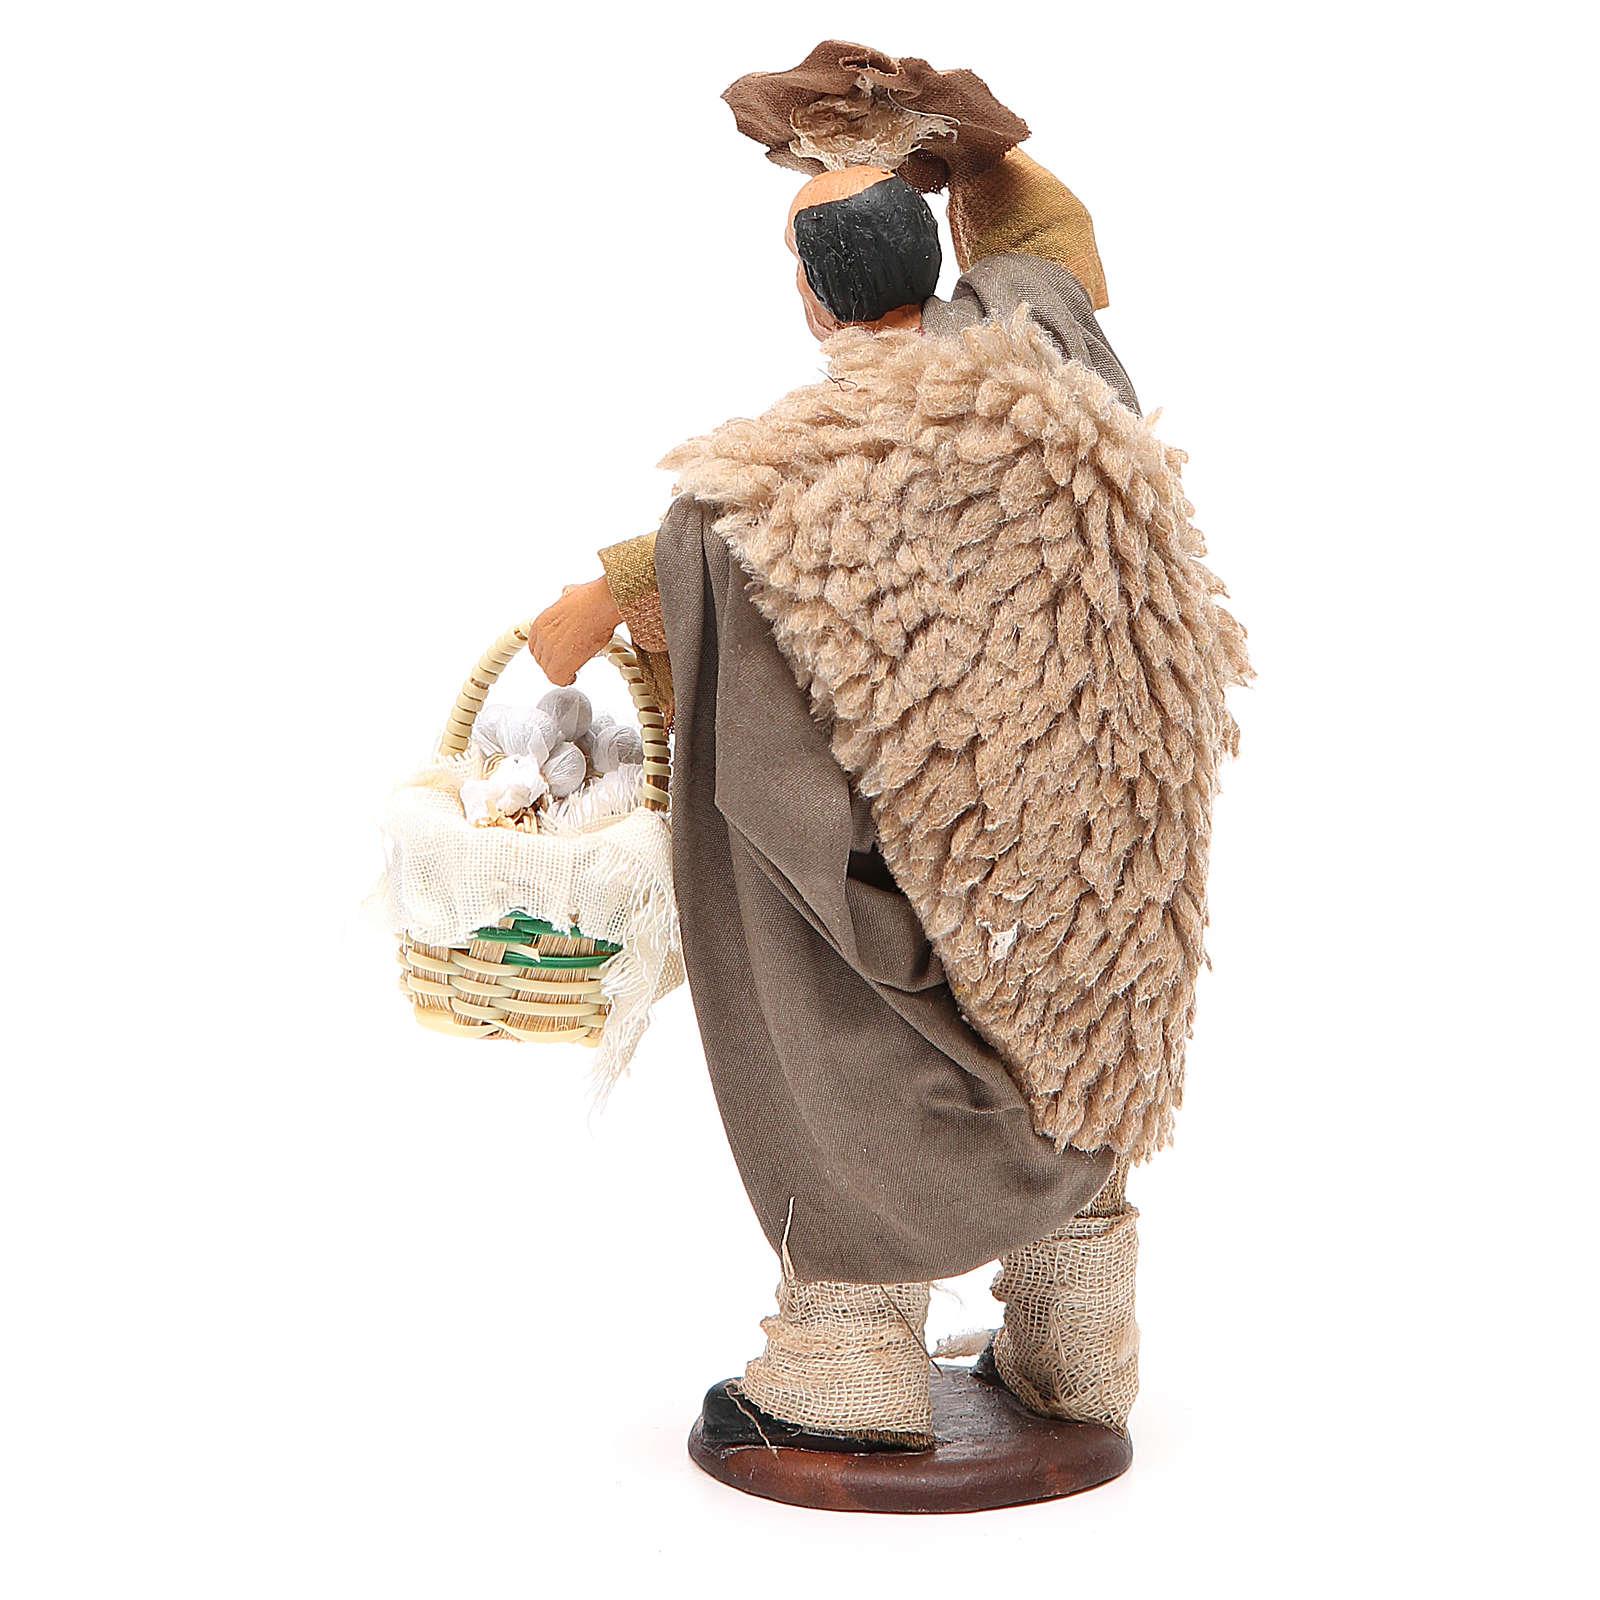 Uomo con cappello e cesto aglio 14 cm presepe Napoli 4